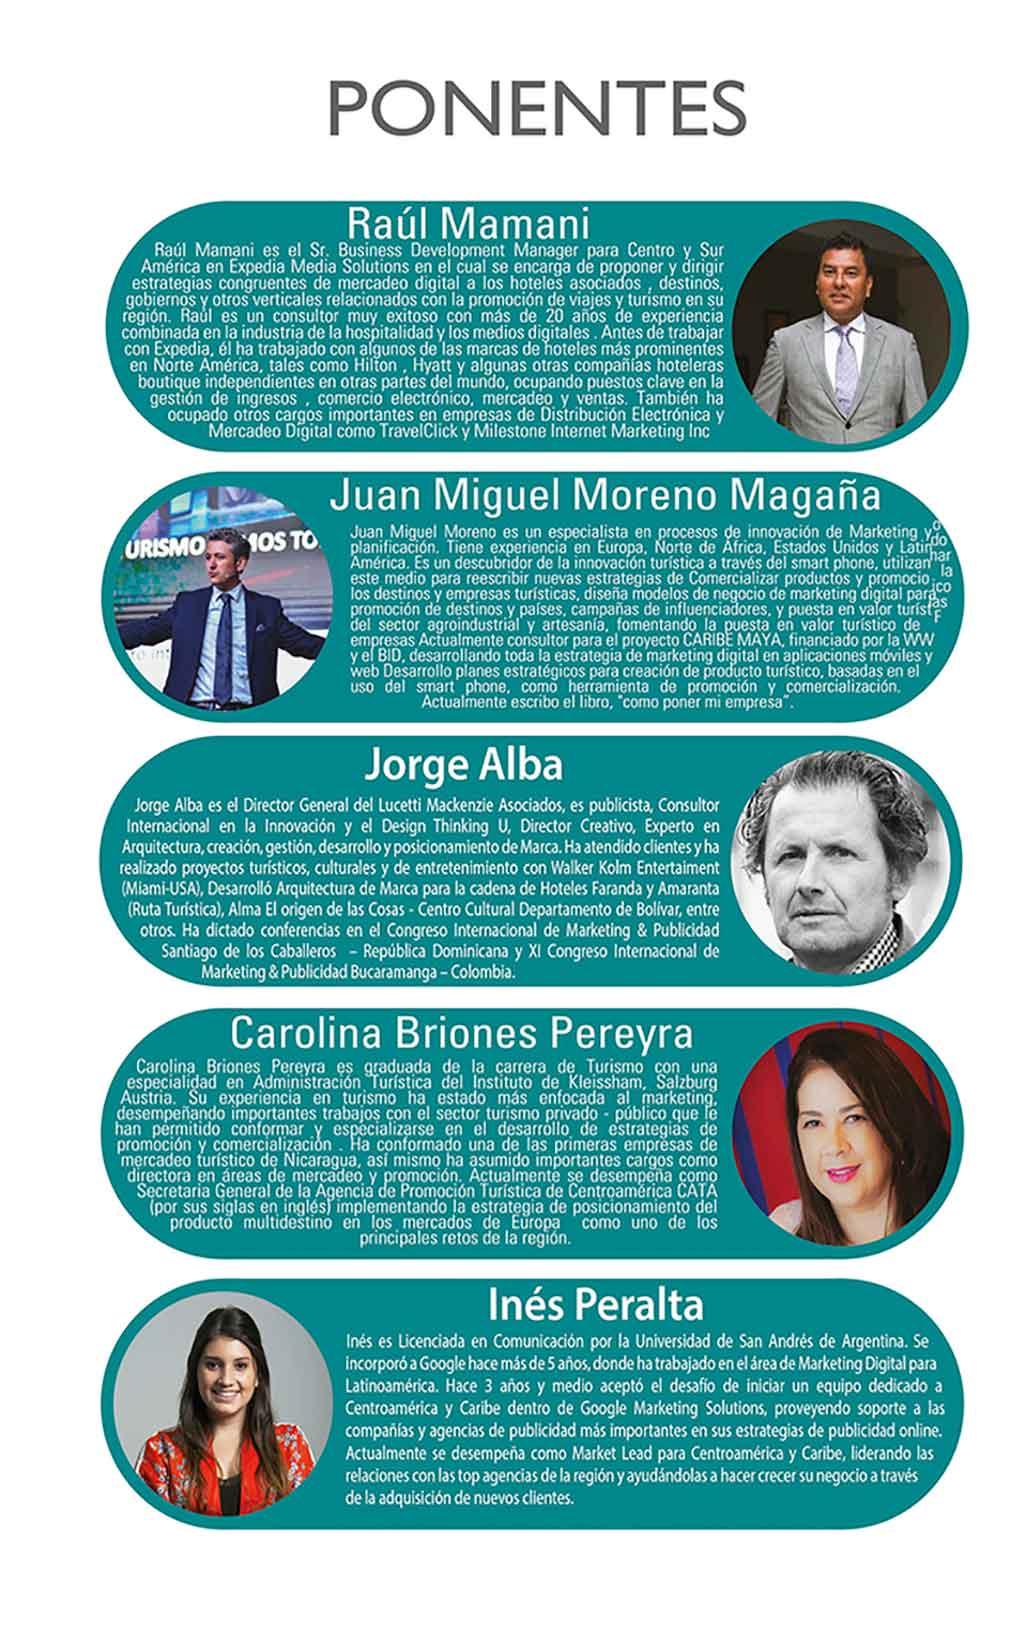 ponentes-Centroamerica-innovation-talk